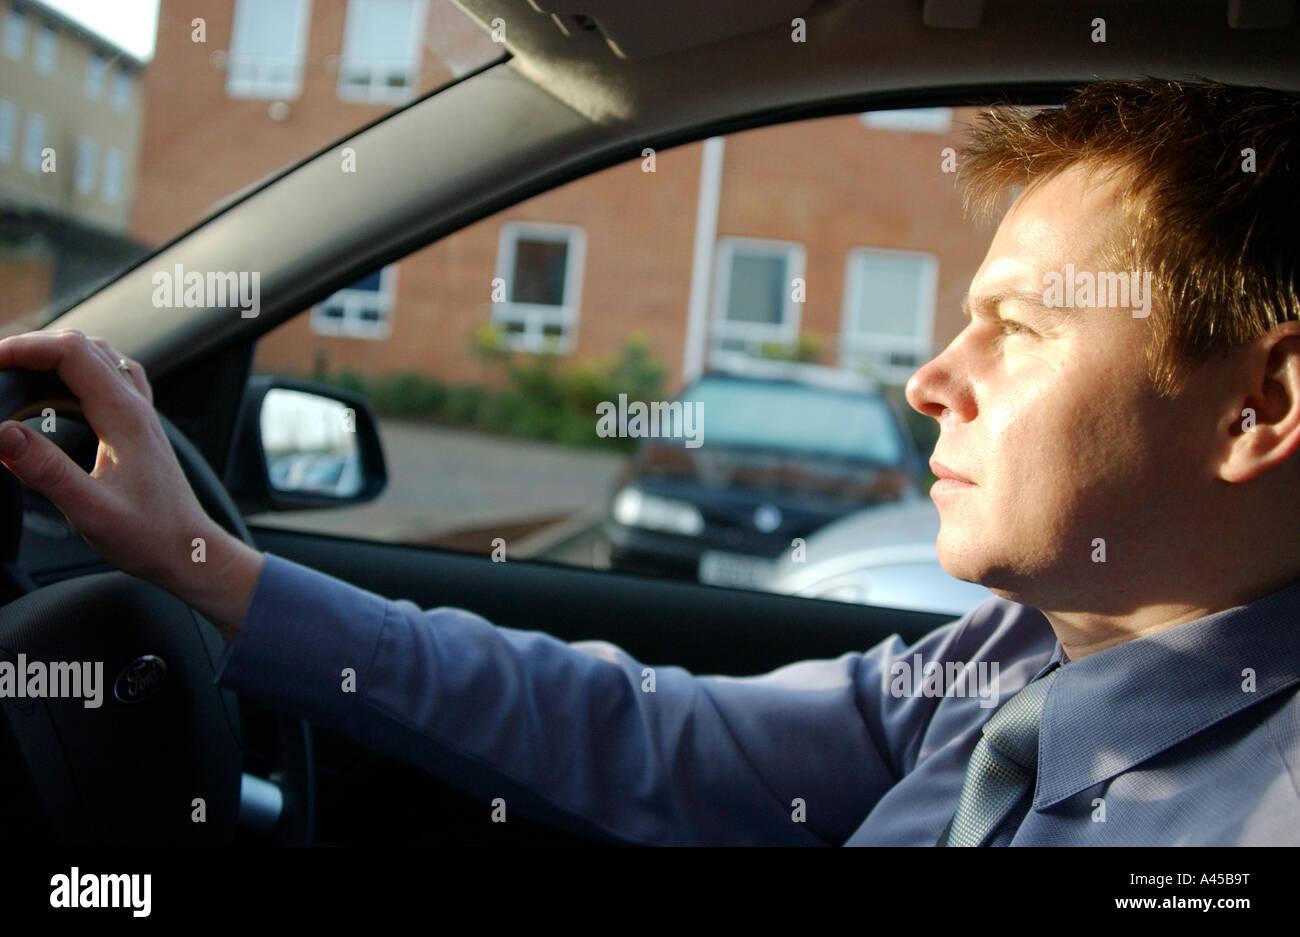 Royalty free fotografia di driver britannico il pendolarismo a Londra REGNO UNITO lavorando duro per tutto il giorno Immagini Stock